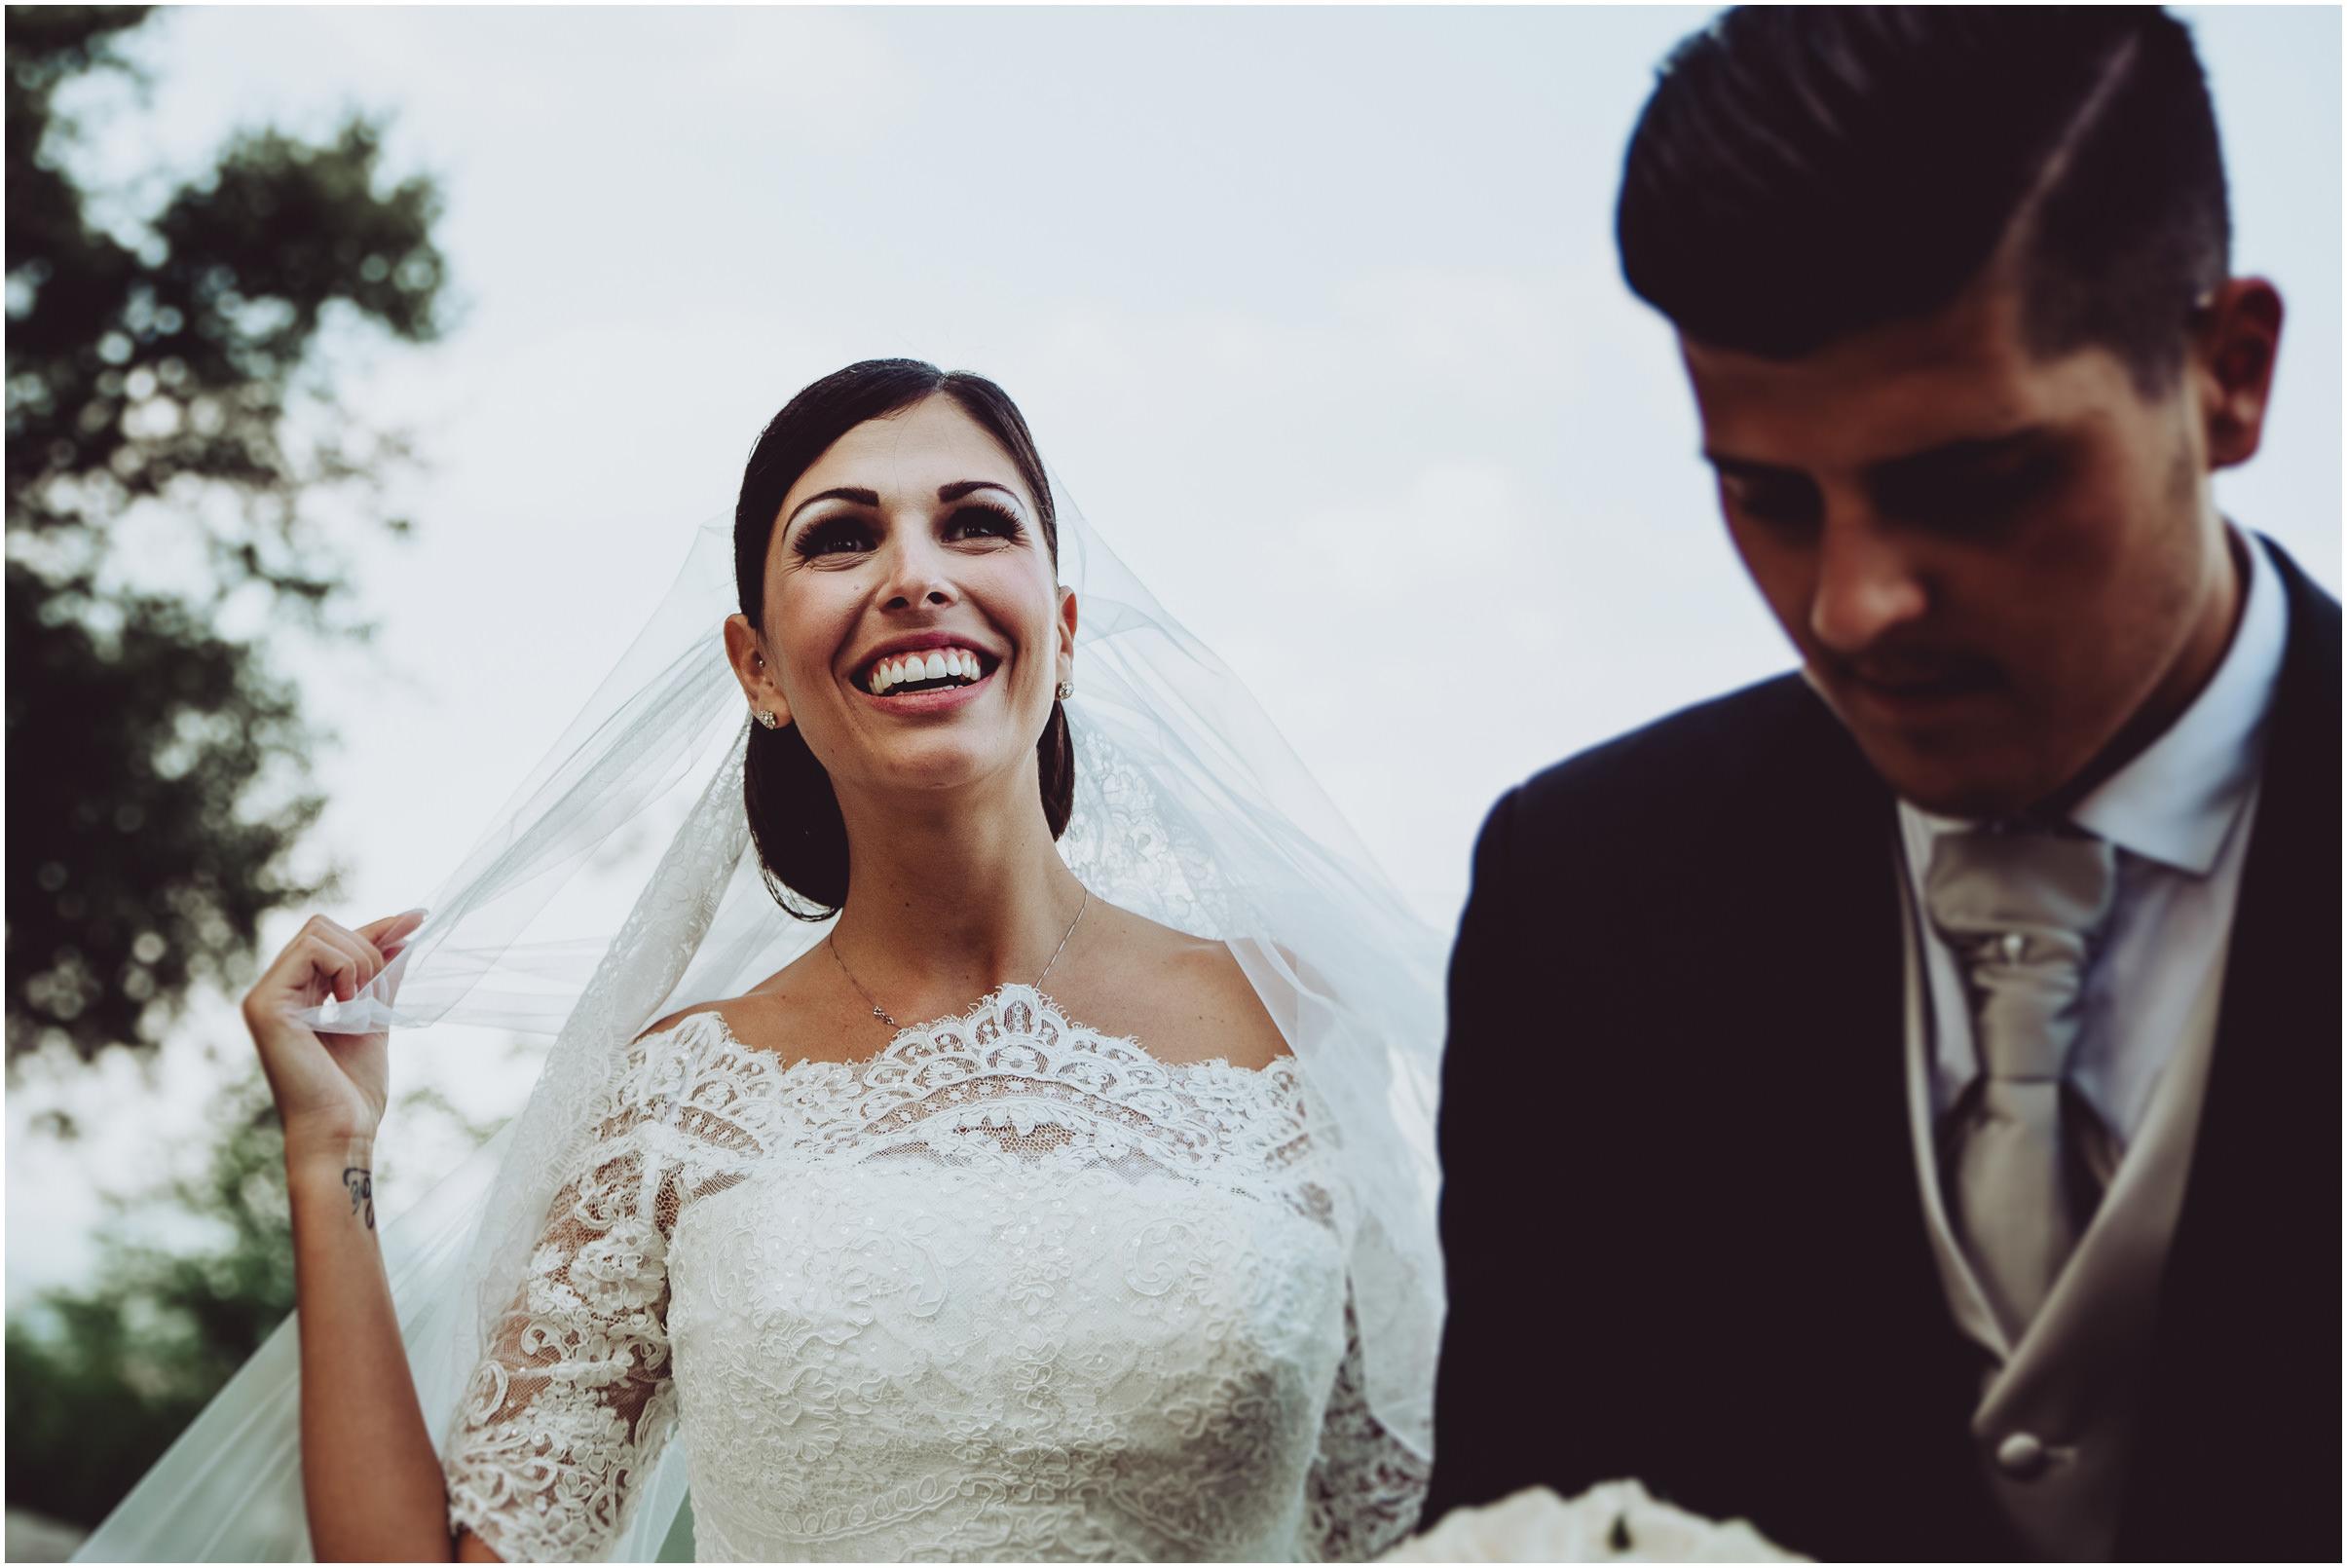 WEDDING-PHOTOGRAPHY-SARA-LORENZONI-FOTOGRAFIA-MATRIMONIO-AREZZO-TUSCANY-EVENTO-LE-SPOSE-DI-GIANNI-ELISA-LUCA034